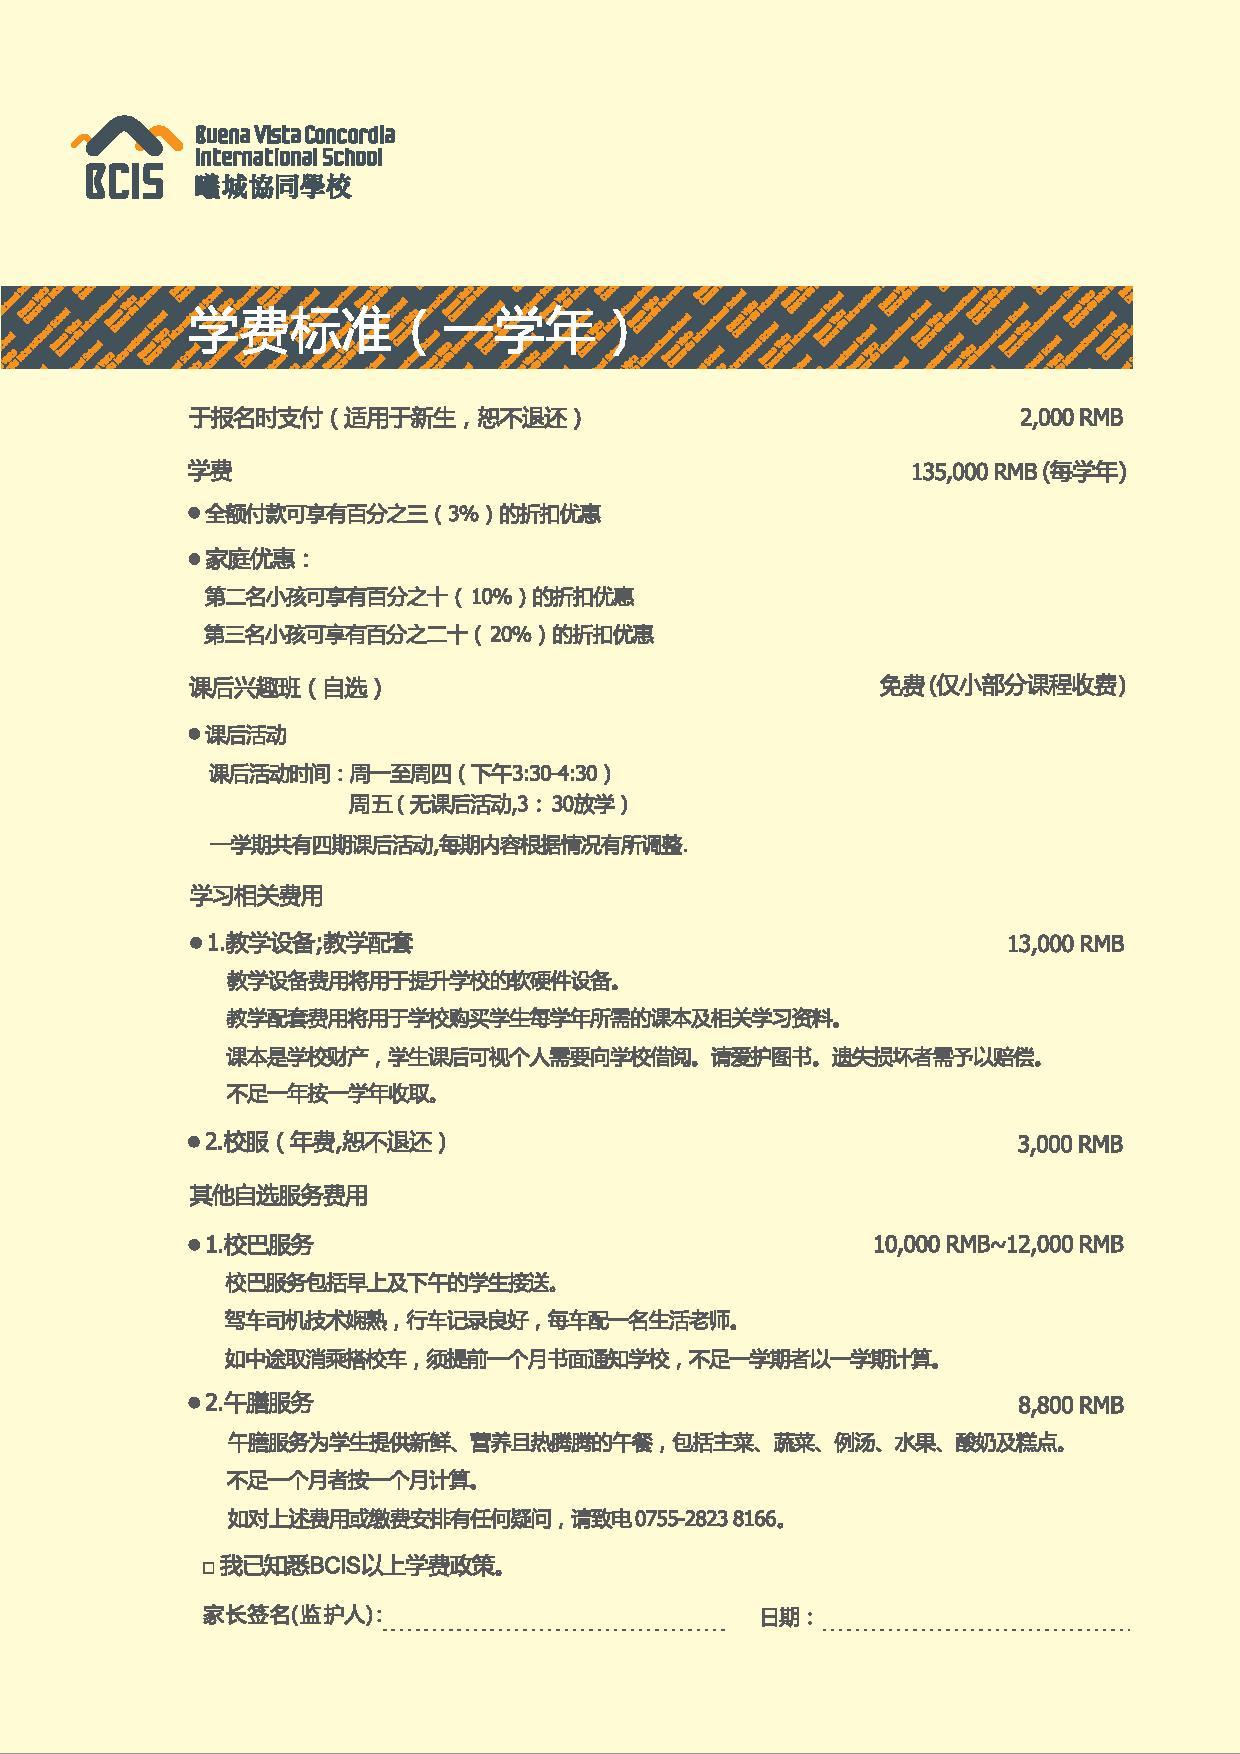 2019年深圳曦城协同国际学校学费